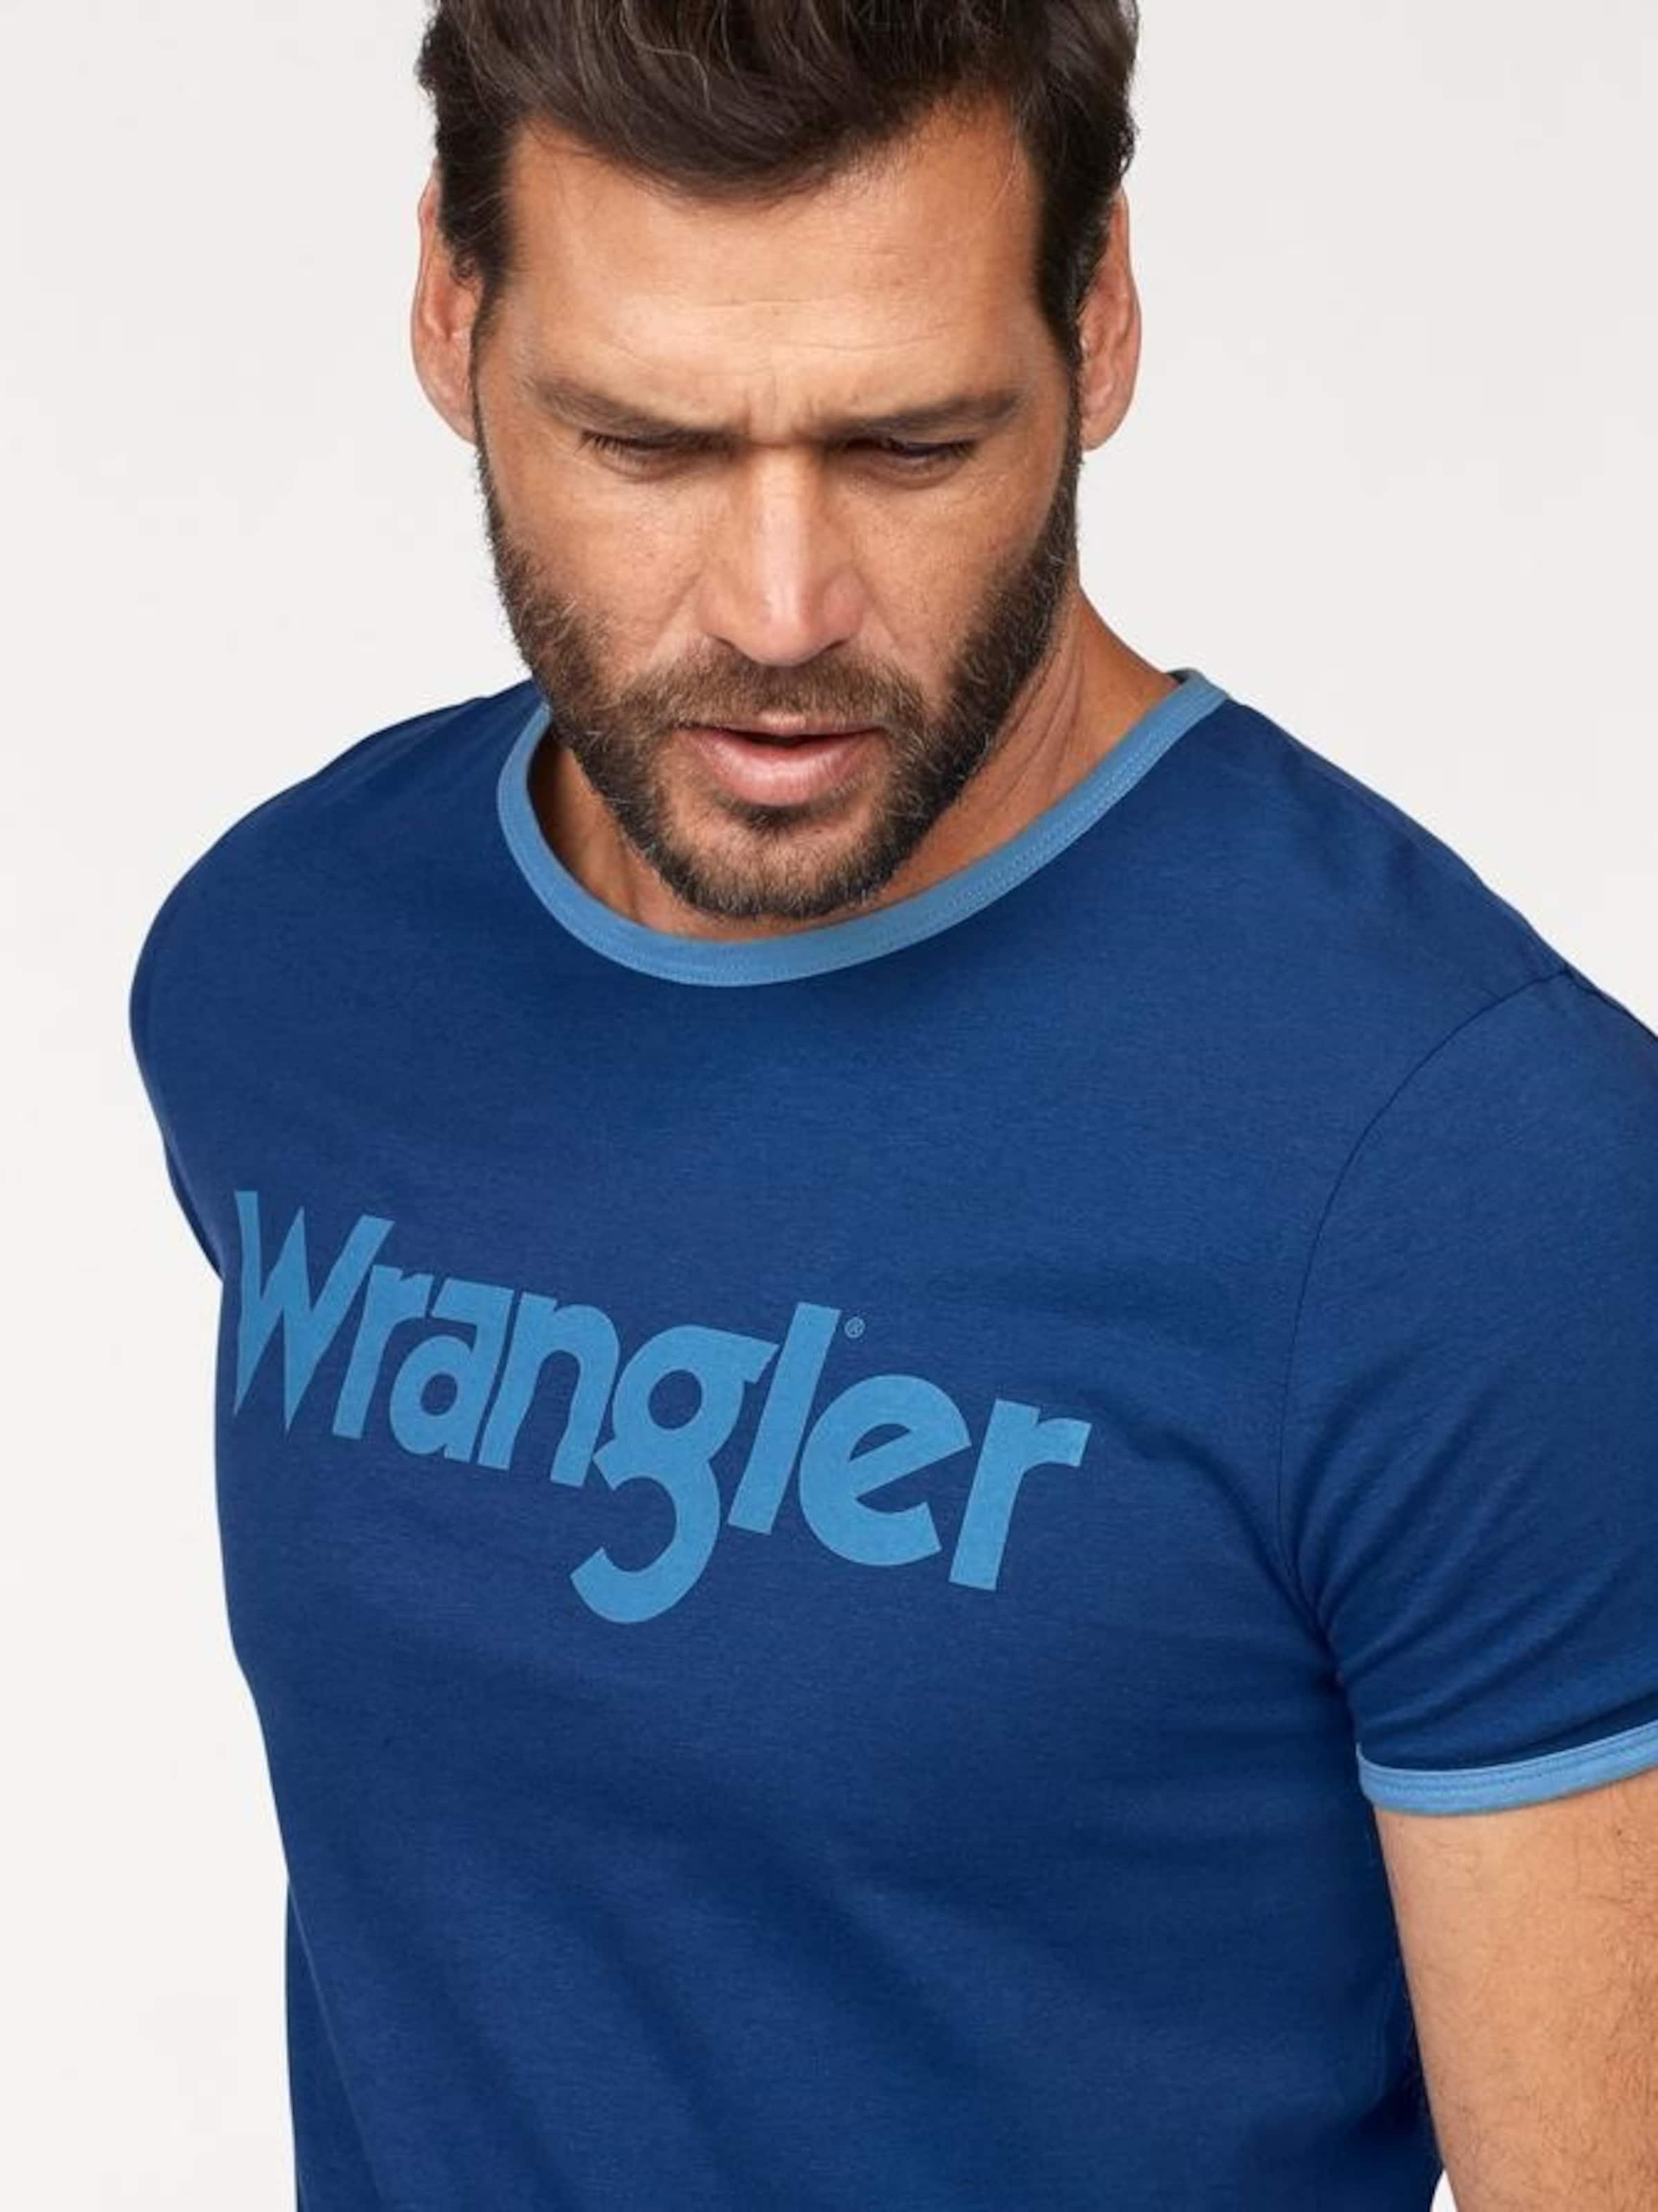 WRANGLER T-Shirt Verkauf Authentisch Aussicht Rabatt Für Schöne Günstig Online Spielraum Wiki PYnO03u